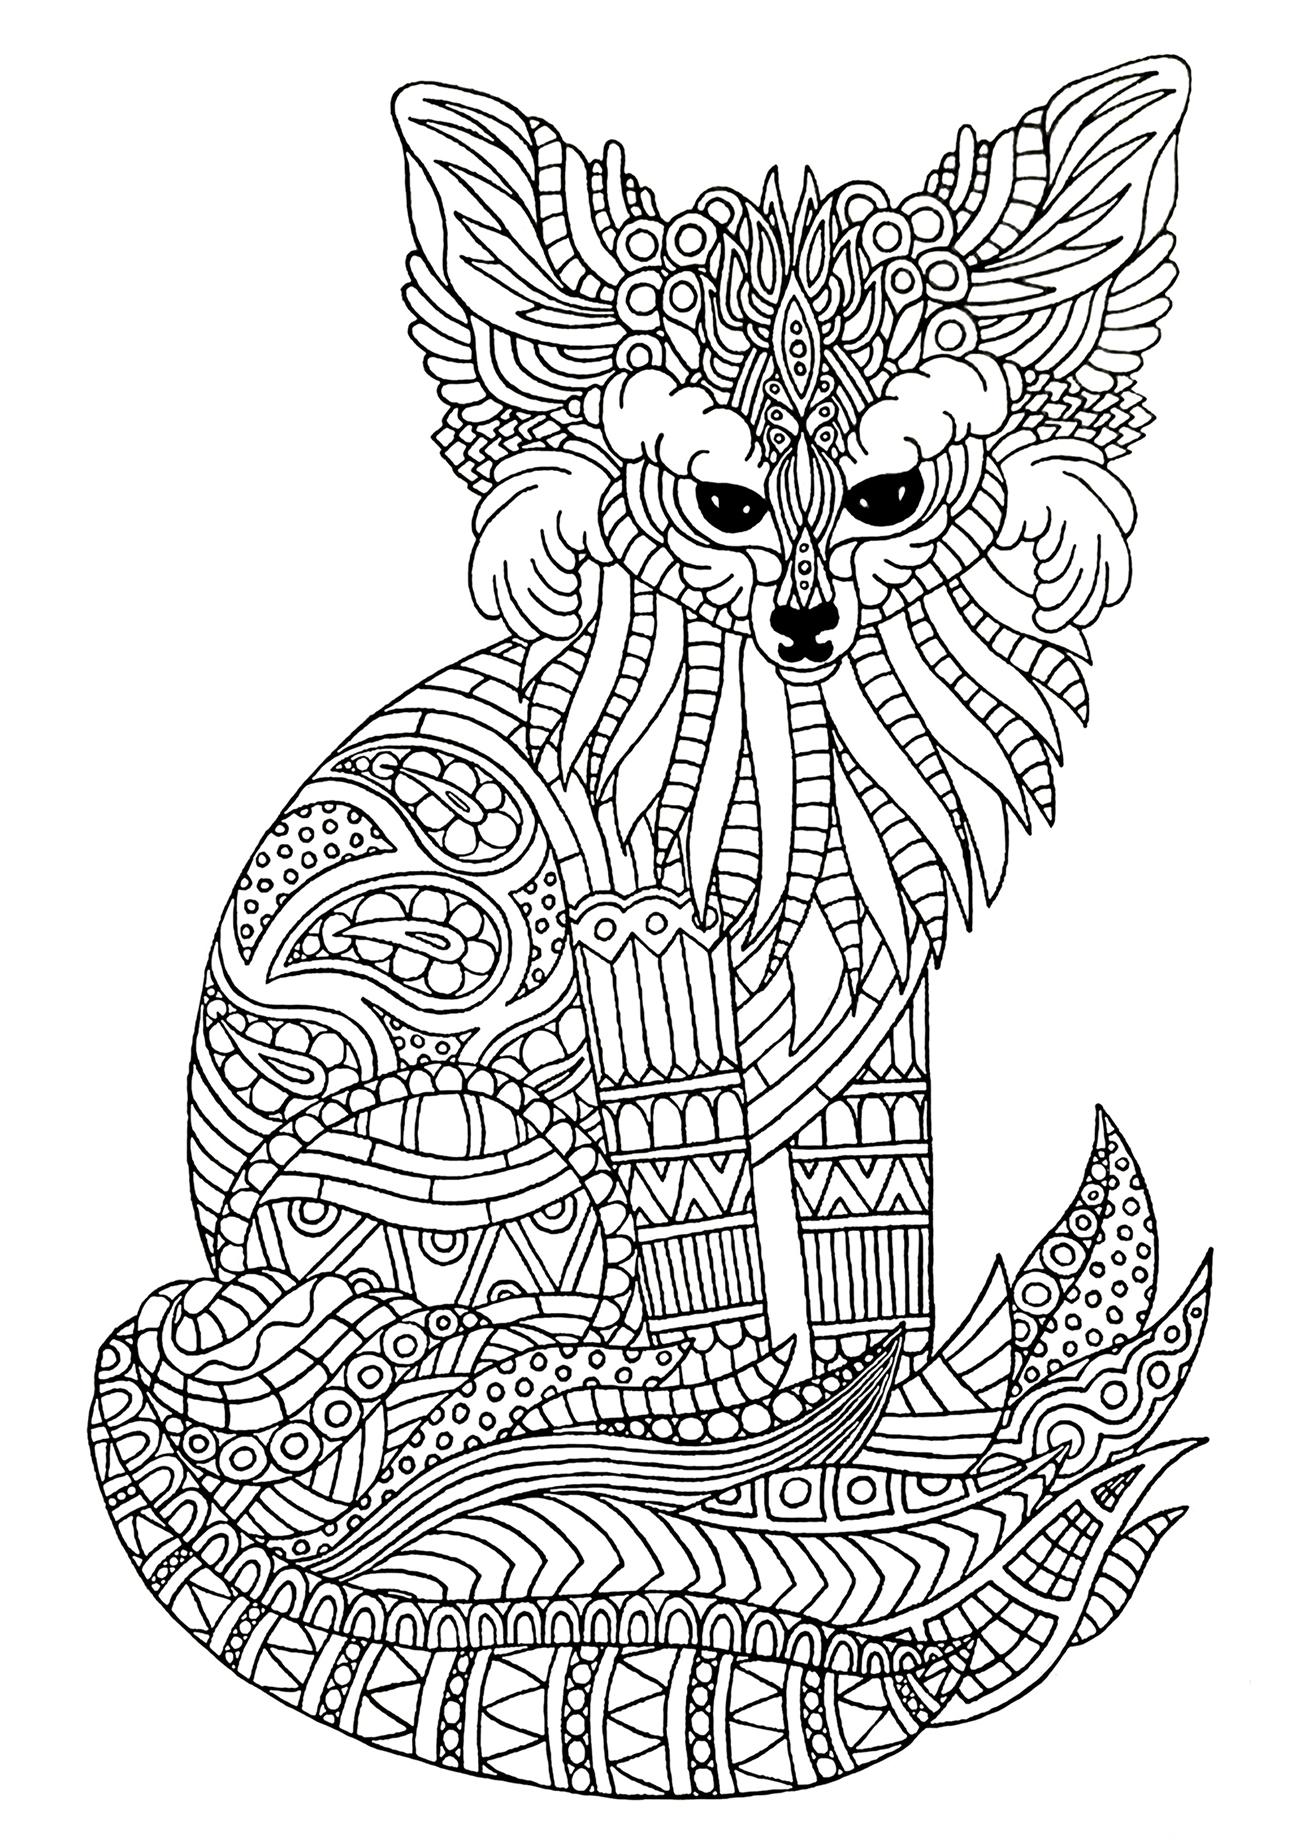 Joli fennec (renard des sables) à colorier, avec motifs complexes